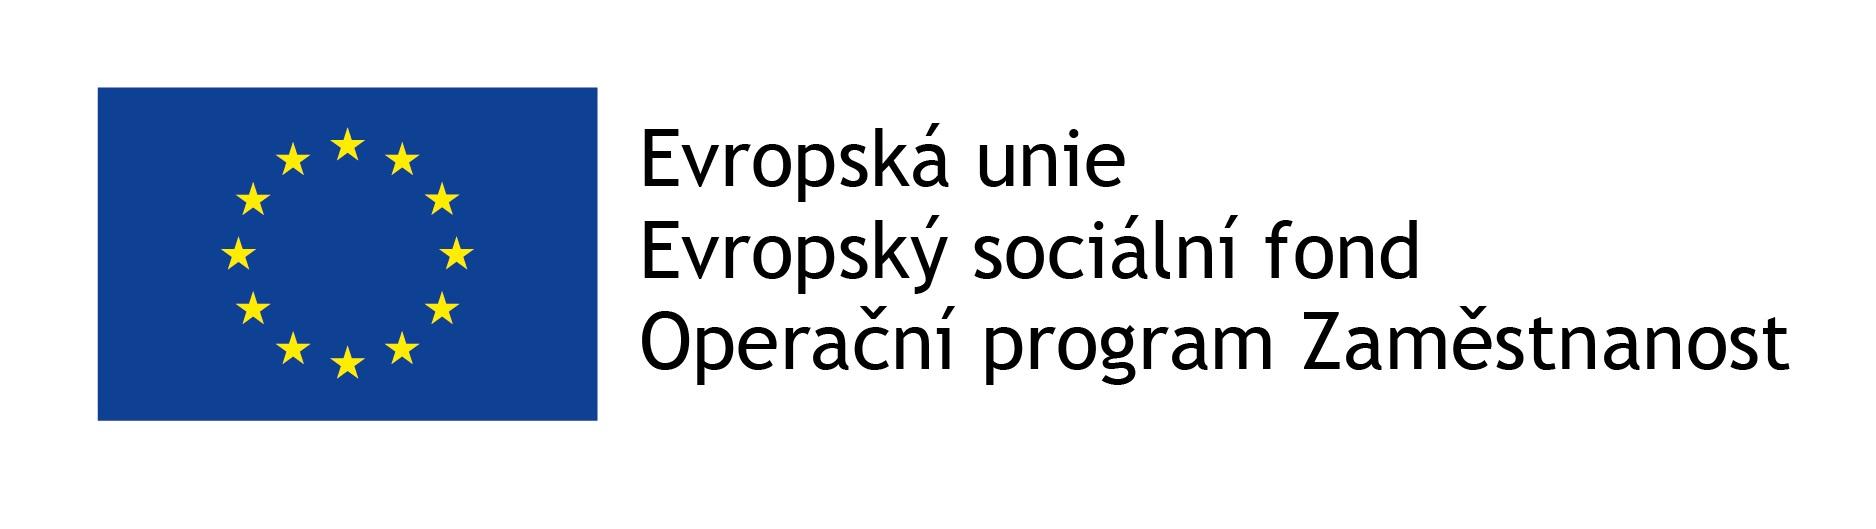 Operační program Zaměstnanost čekají změny - Církev.cz